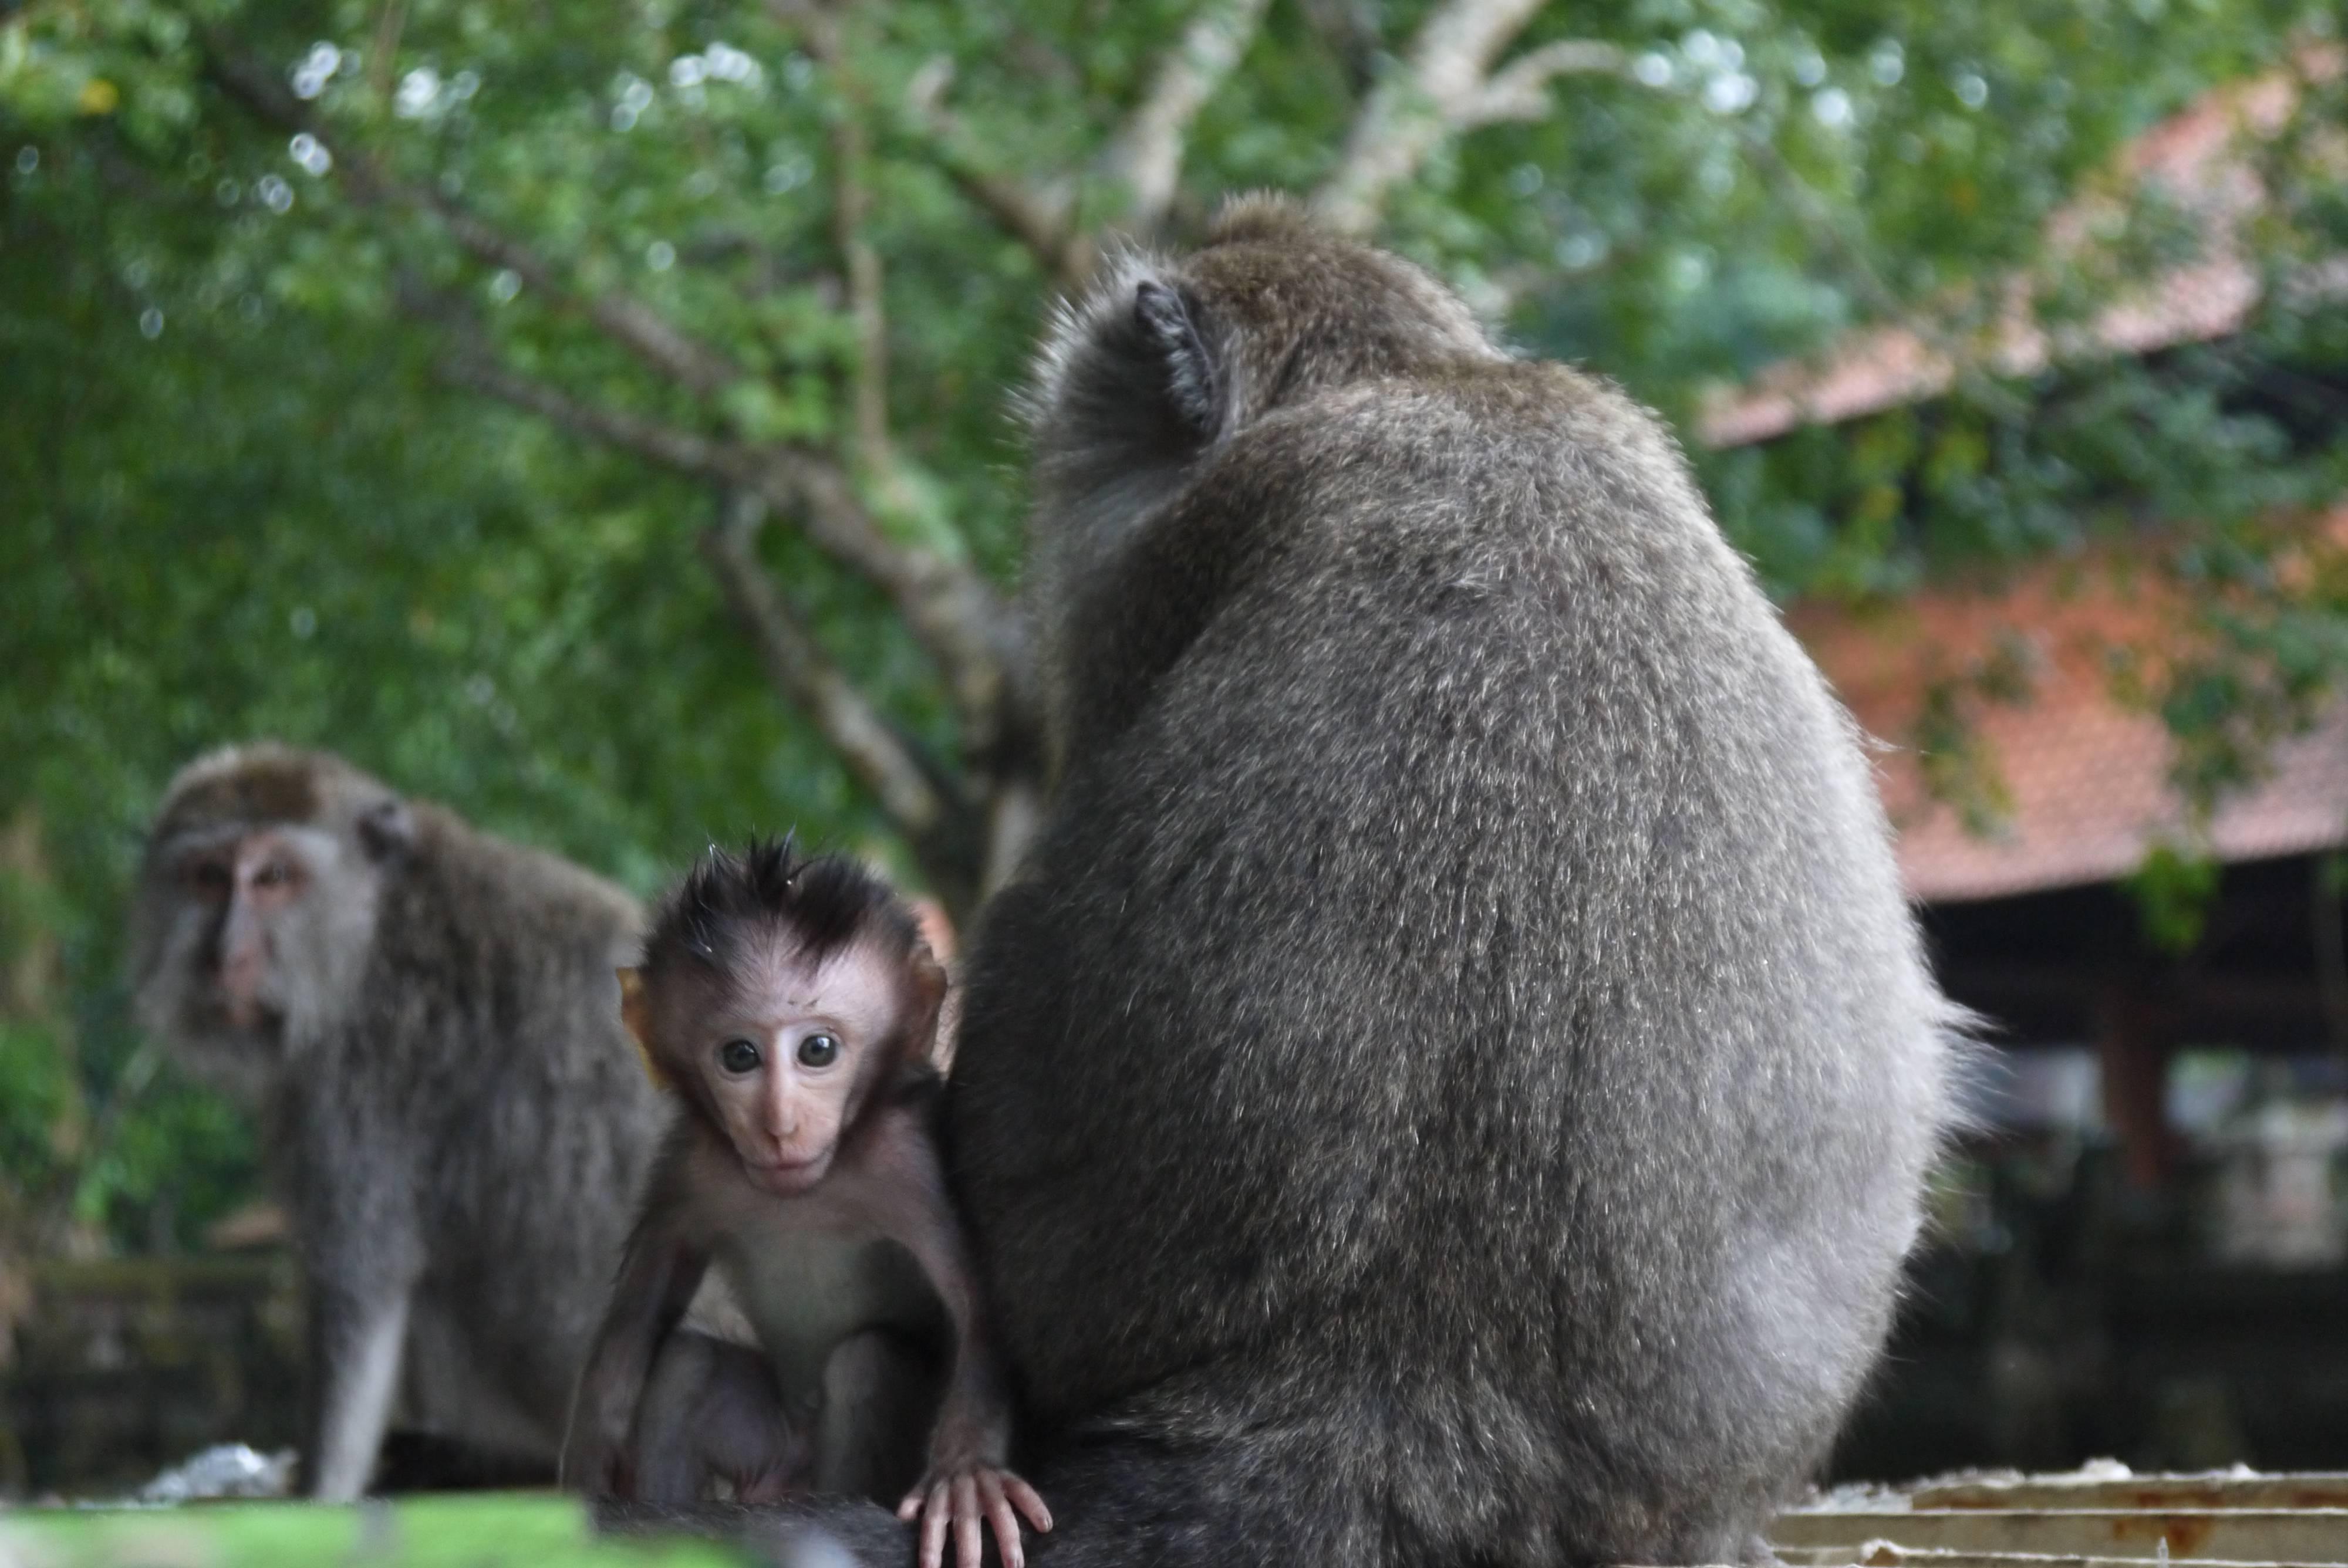 μαϊμού σεξ βίντεο εφηβική γυμνό φωτογραφία